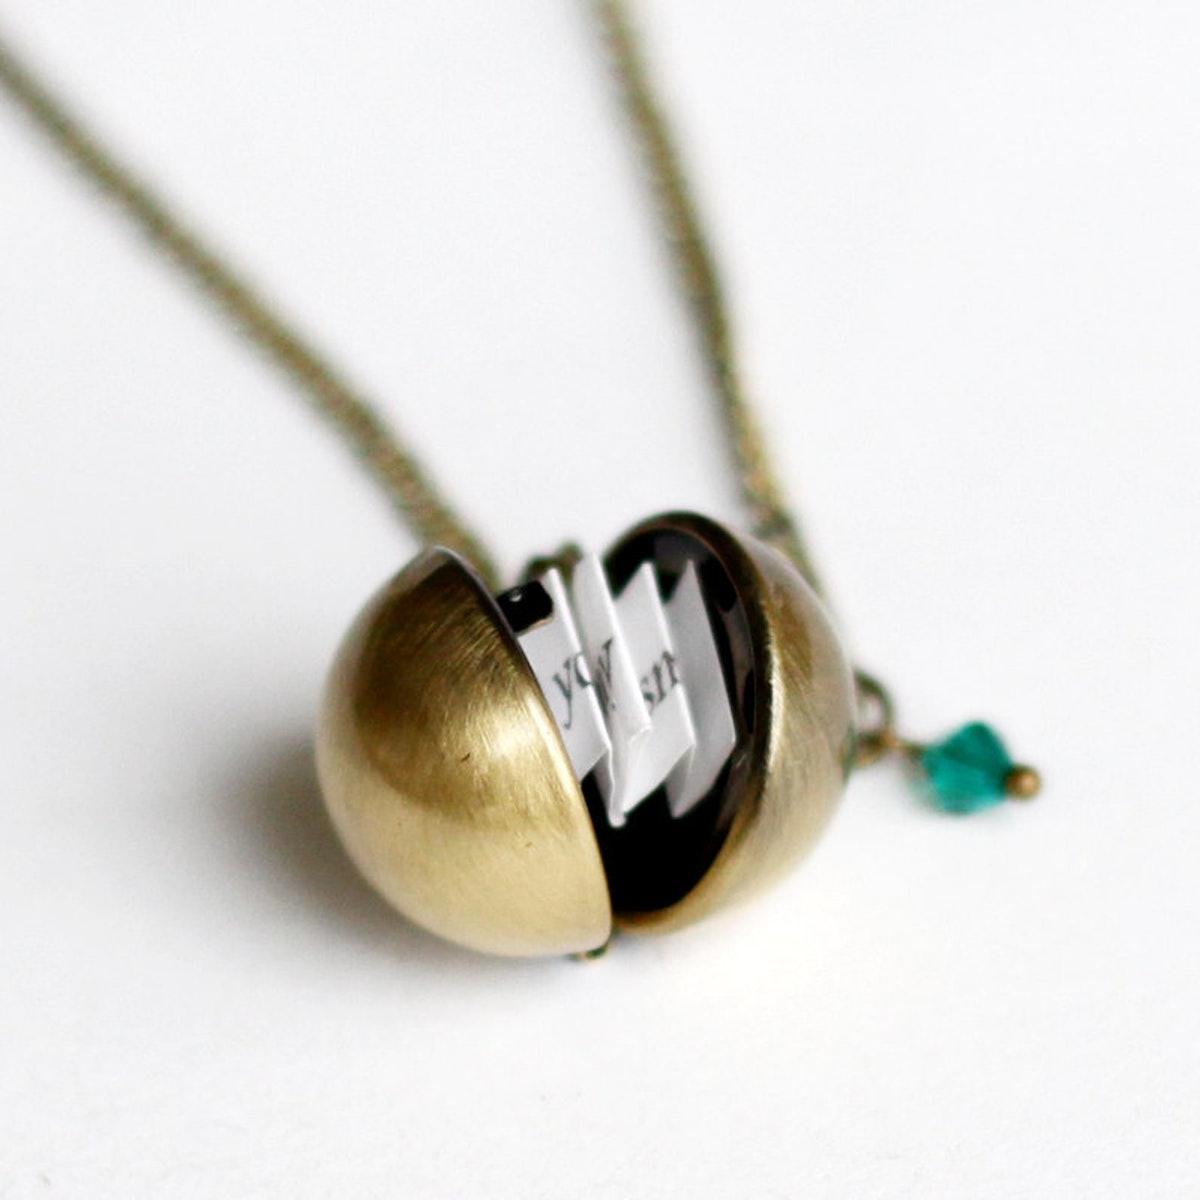 BirdsHome Secret Message Necklace